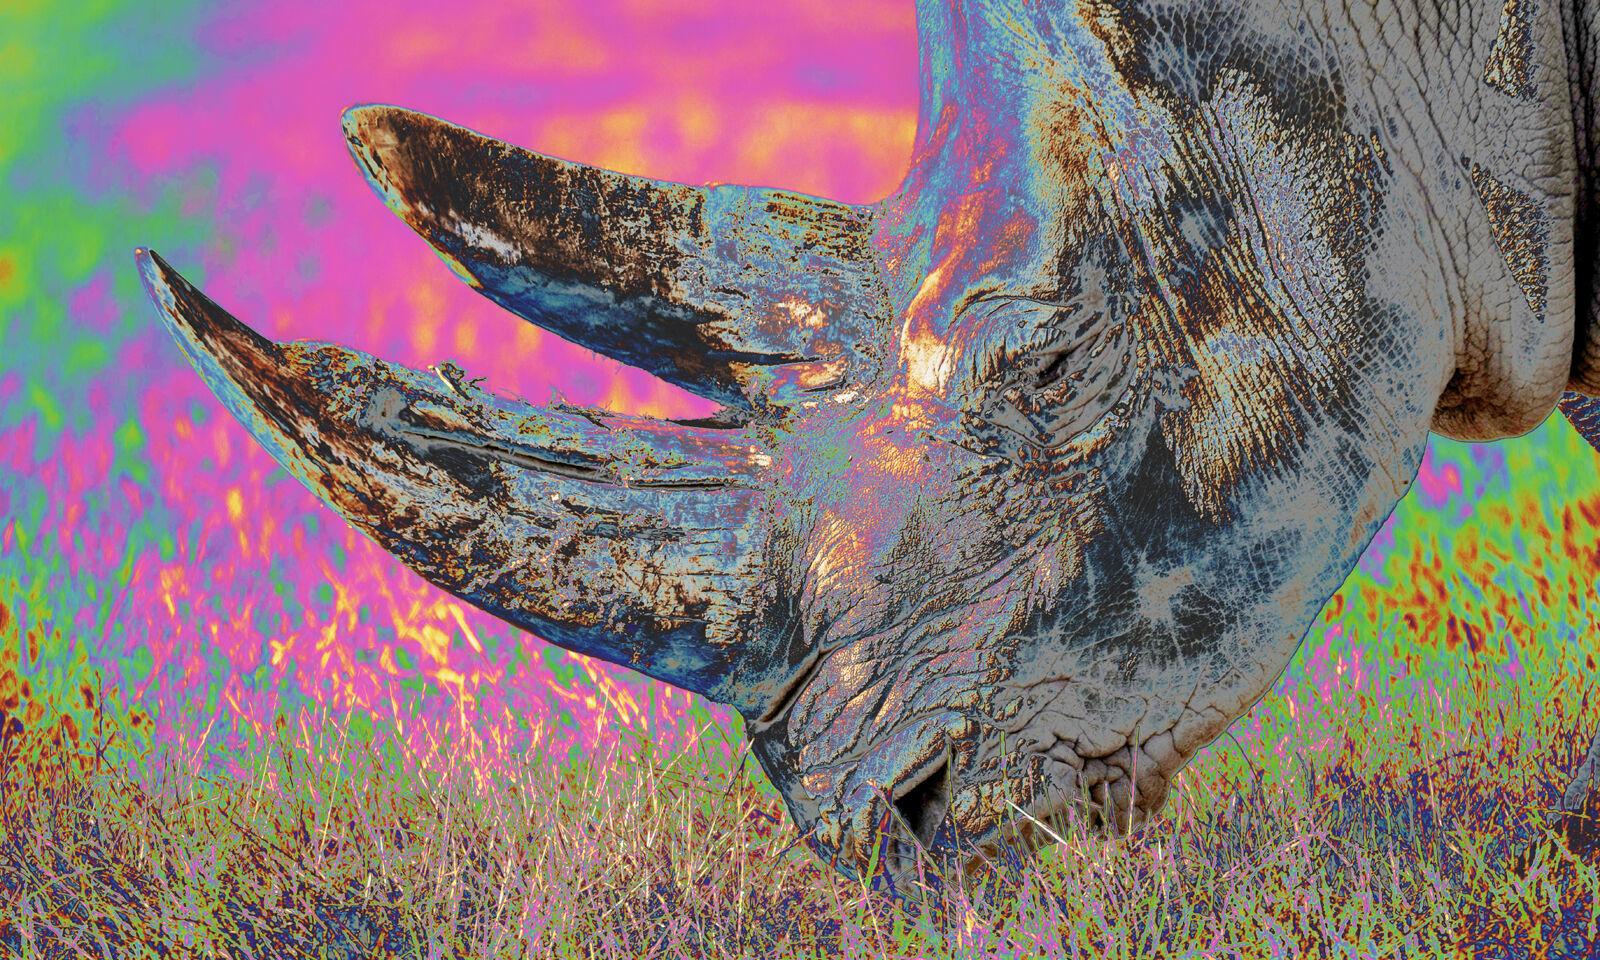 POSTER XXL POP ART ABSTRAKT RHINO NASHORN SAVANNE AFRIKA TIER BIS 150x90